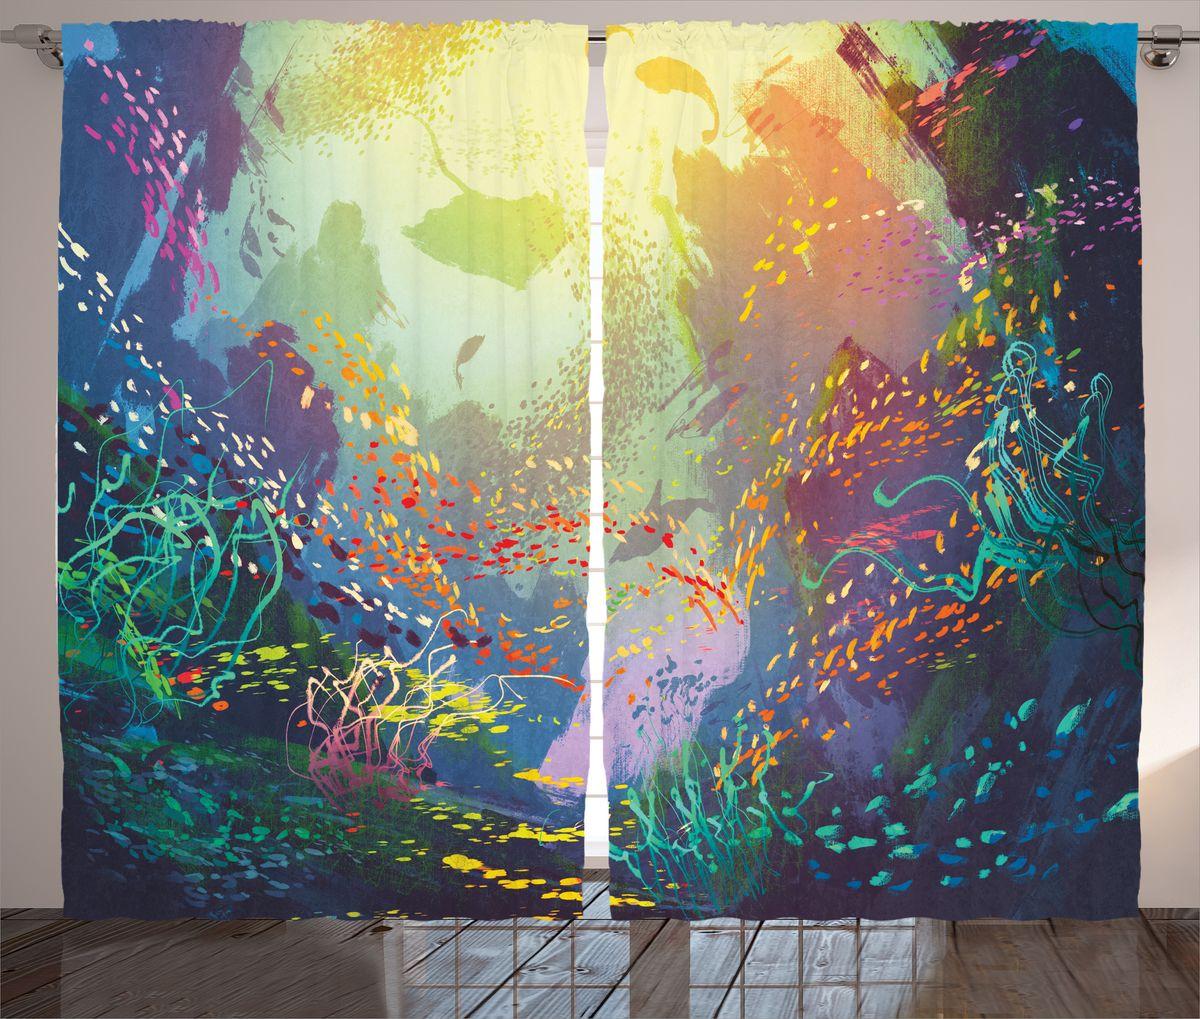 Комплект фотоштор Magic Lady Красота подводного мира, на ленте, высота 265 см. шсг_17281шсг_17281Компания Сэмболь изготавливает шторы из высококачественного сатена (полиэстер 100%). При изготовлении используются специальные гипоаллергенные чернила для прямой печати по ткани, безопасные для человека и животных. Экологичность продукции Magic lady и безопасность для окружающей среды подтверждены сертификатом Oeko-Tex Standard 100. Крепление: крючки для крепления на шторной ленте (50 шт). Возможно крепление на трубу. Внимание! При нанесении сублимационной печати на ткань технологическим методом при температуре 240°С, возможно отклонение полученных размеров (указанных на этикетке и сайте) от стандартных на + - 3-5 см. Производитель старается максимально точно передать цвета изделия на фотографиях, однако искажения неизбежны и фактический цвет изделия может отличаться от воспринимаемого по фото. Обратите внимание! Шторы изготовлены из полиэстра сатенового переплетения, а не из сатина (хлопок). Размер одного полотна шторы: 145х265 см. В комплекте 2...